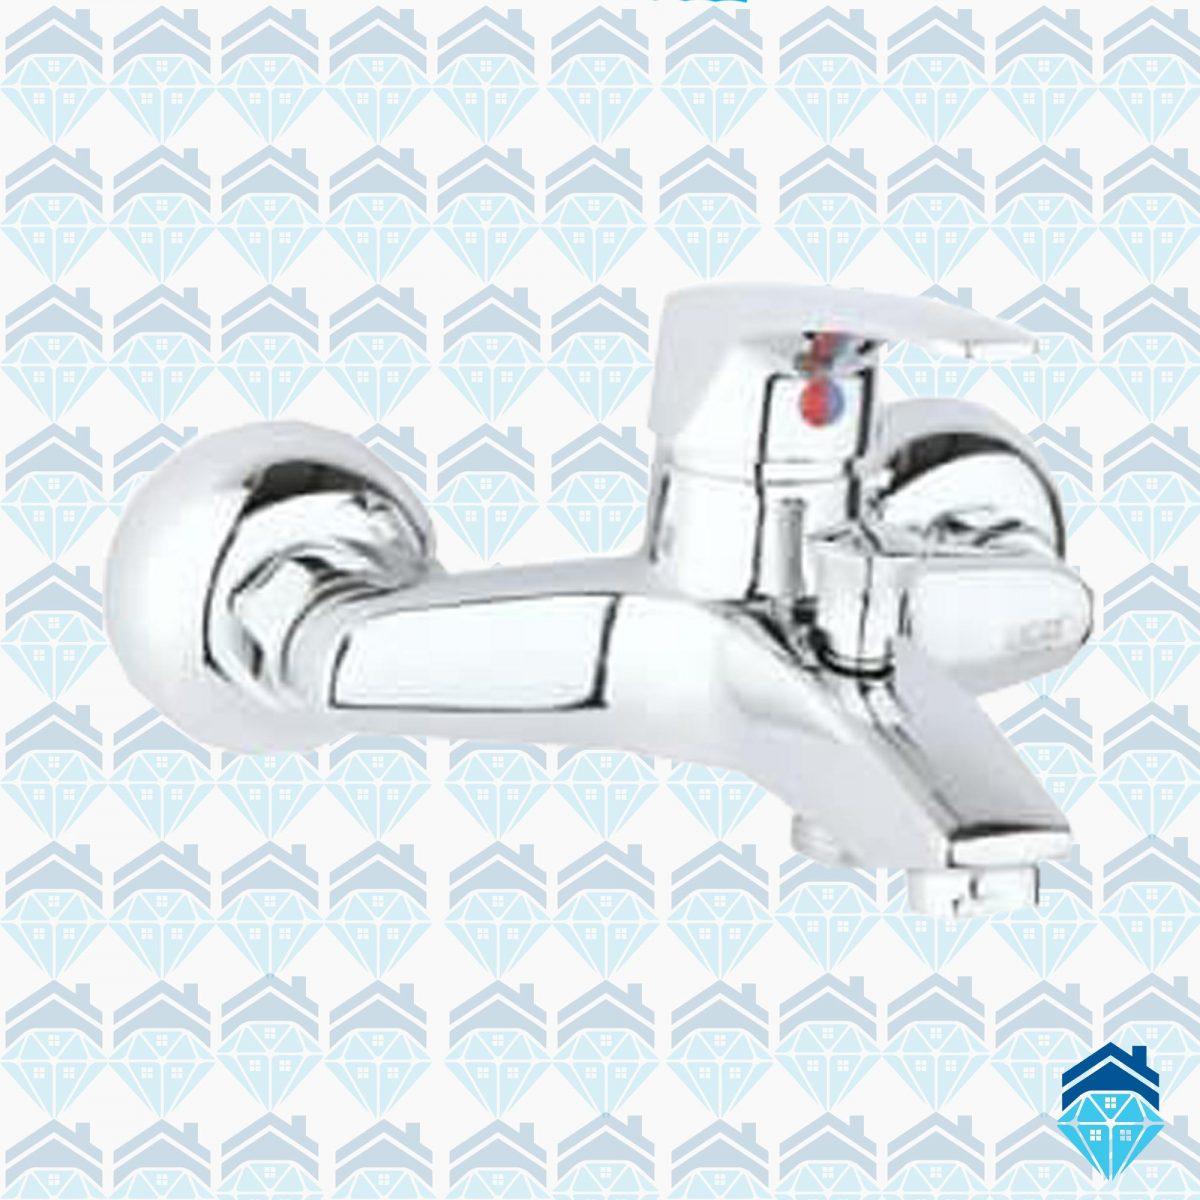 شیر حمام (دوش) کیان مدل دنا